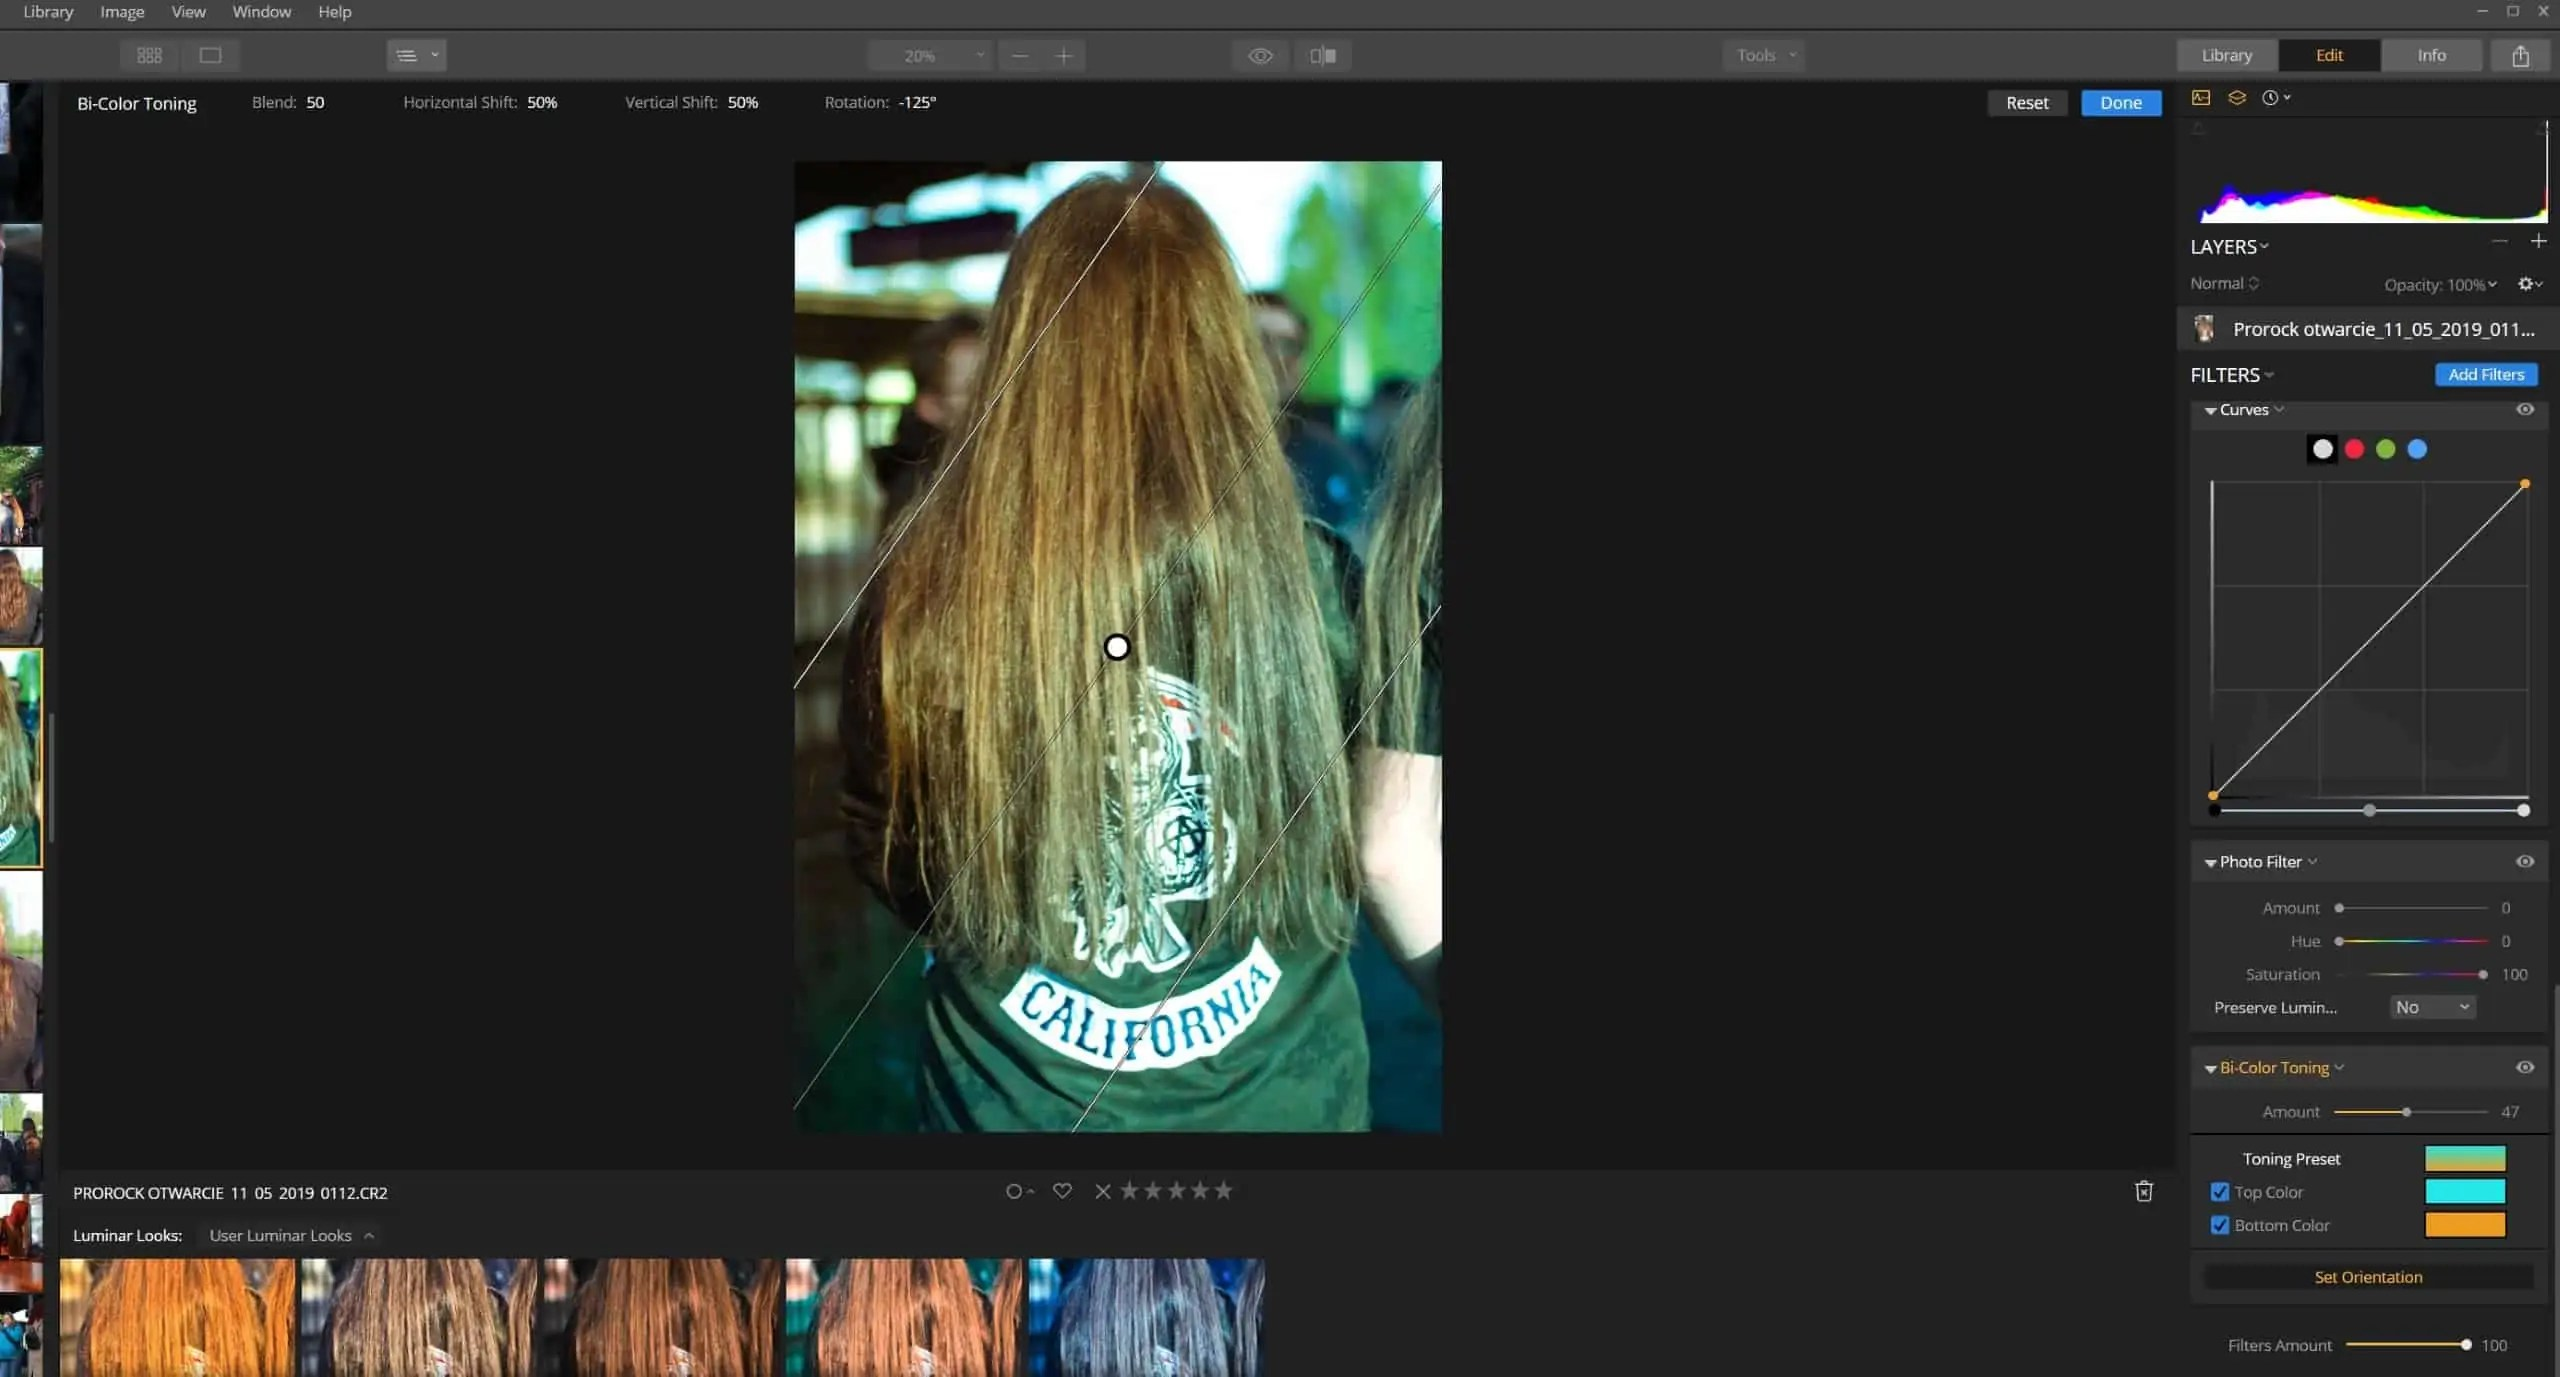 Bi color toning koloryzuje zdjęcie jak filtr gradientowy - Zakręcone liście w affinity photo